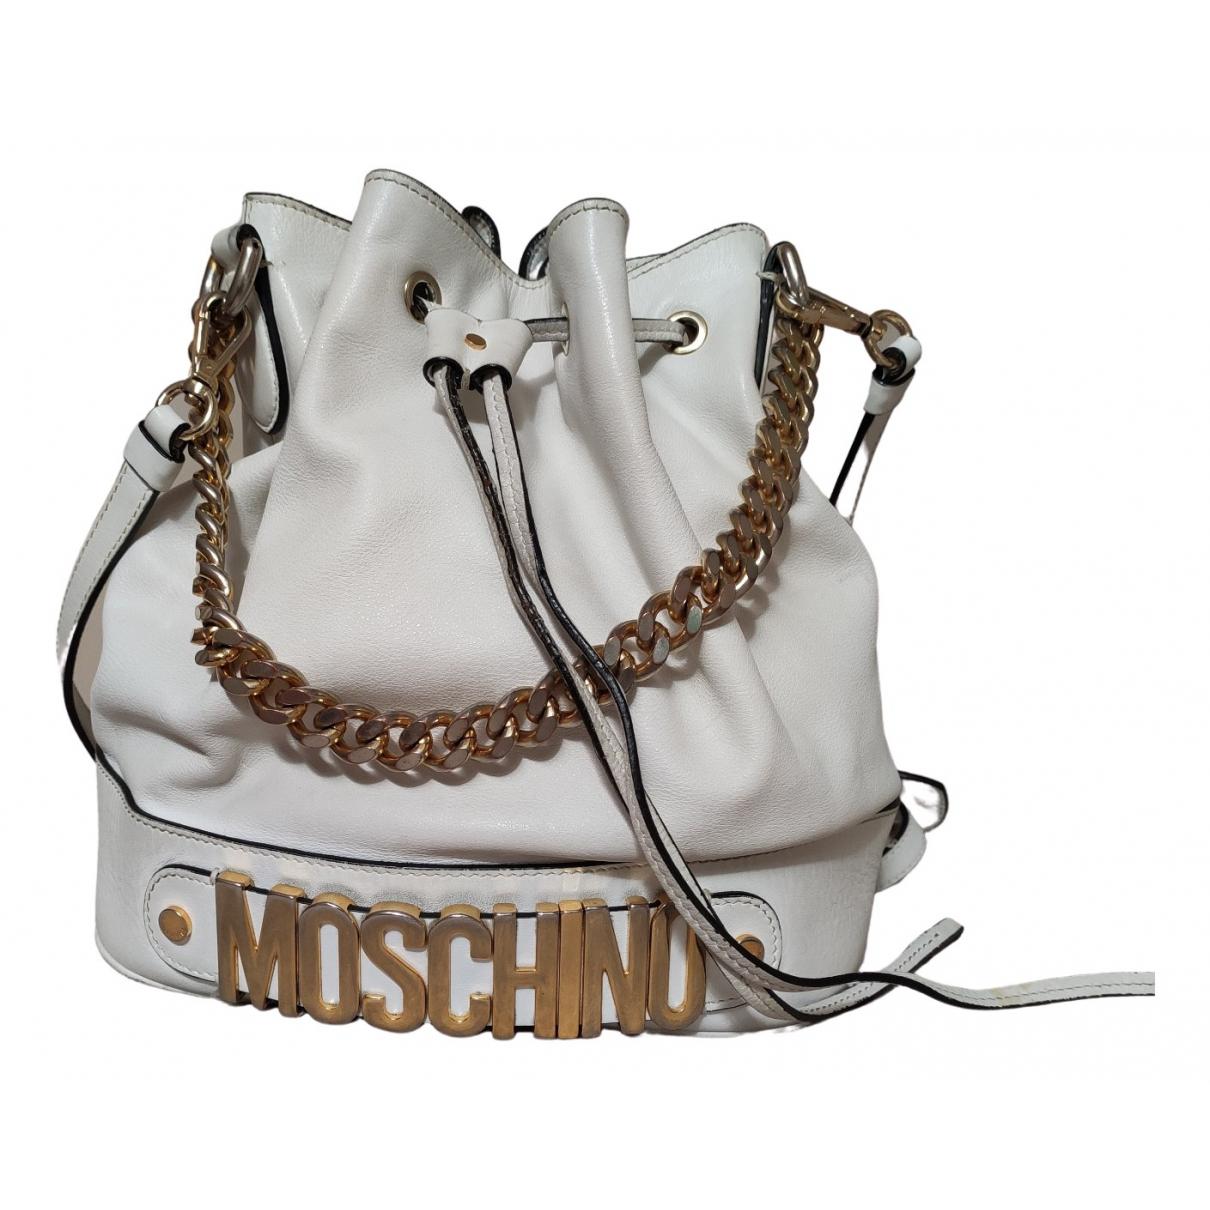 Moschino \N Handtasche in  Weiss Leder